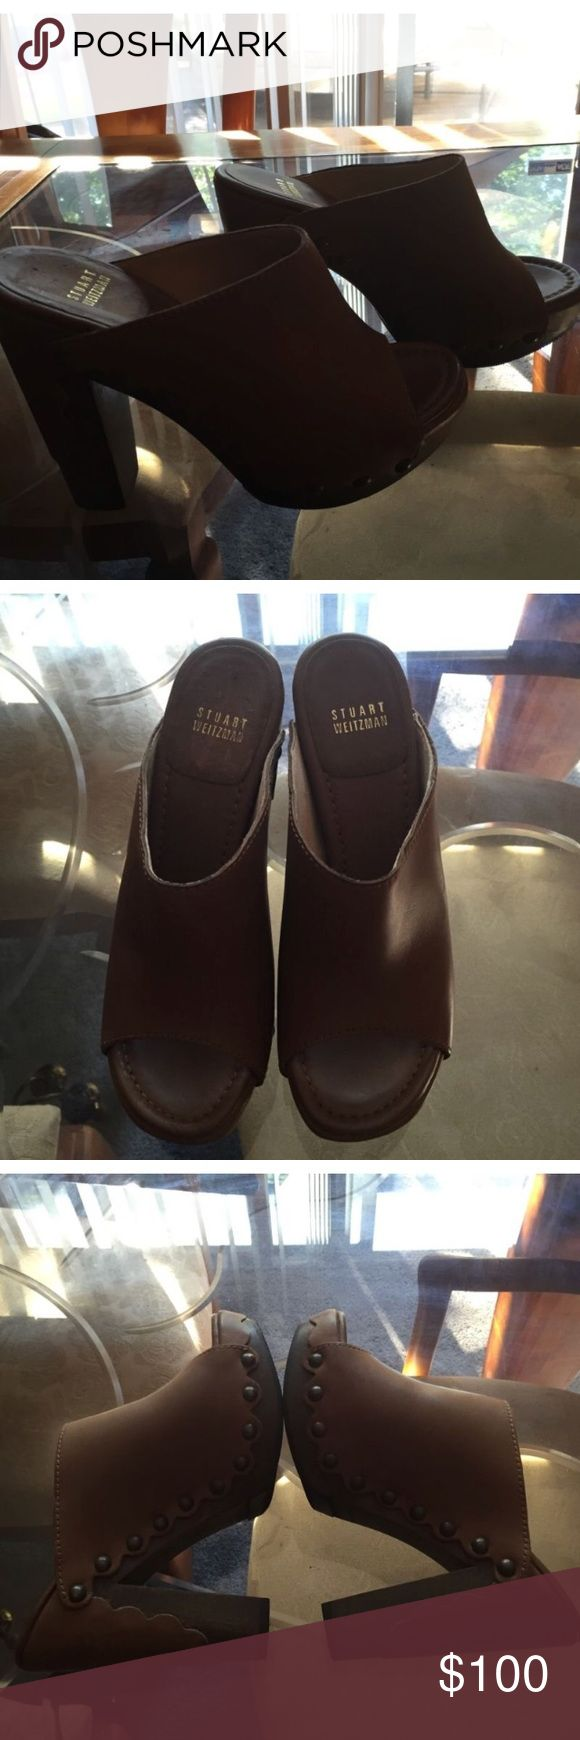 Stuart Weitzman studded clogs Stuart Weitzman studded clogs Stuart Weitzman Shoes Mules & Clogs